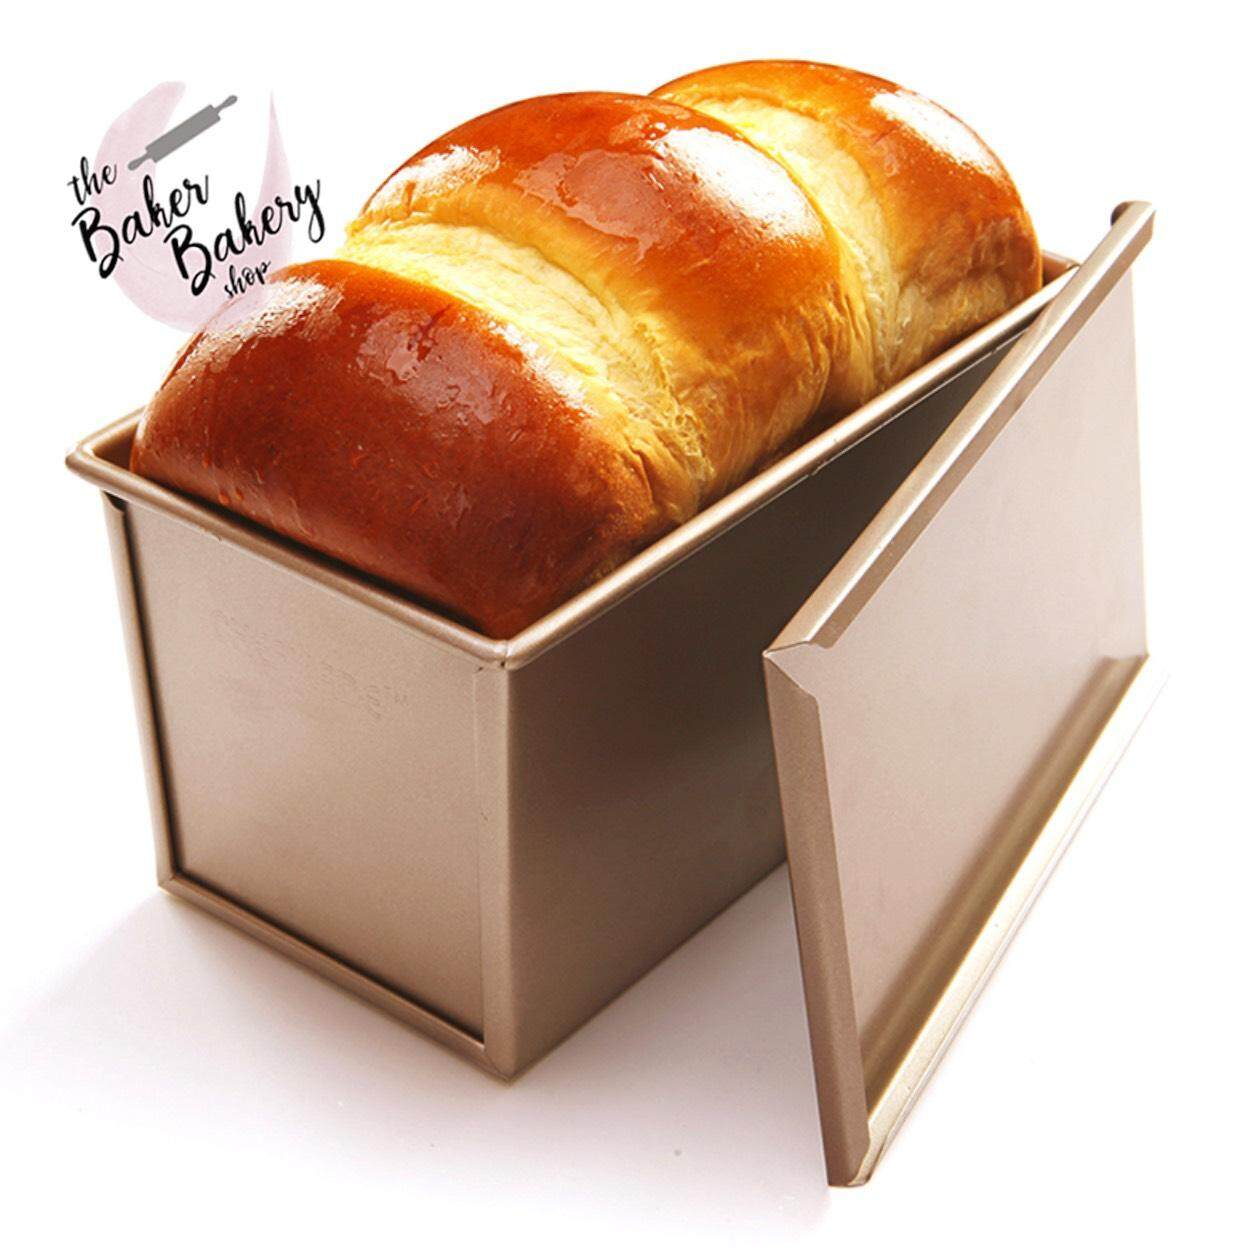 ถาดอบขนมปังพร้อมฝาปิด ขนาด 21x21x11 ซม. By Luftshop.